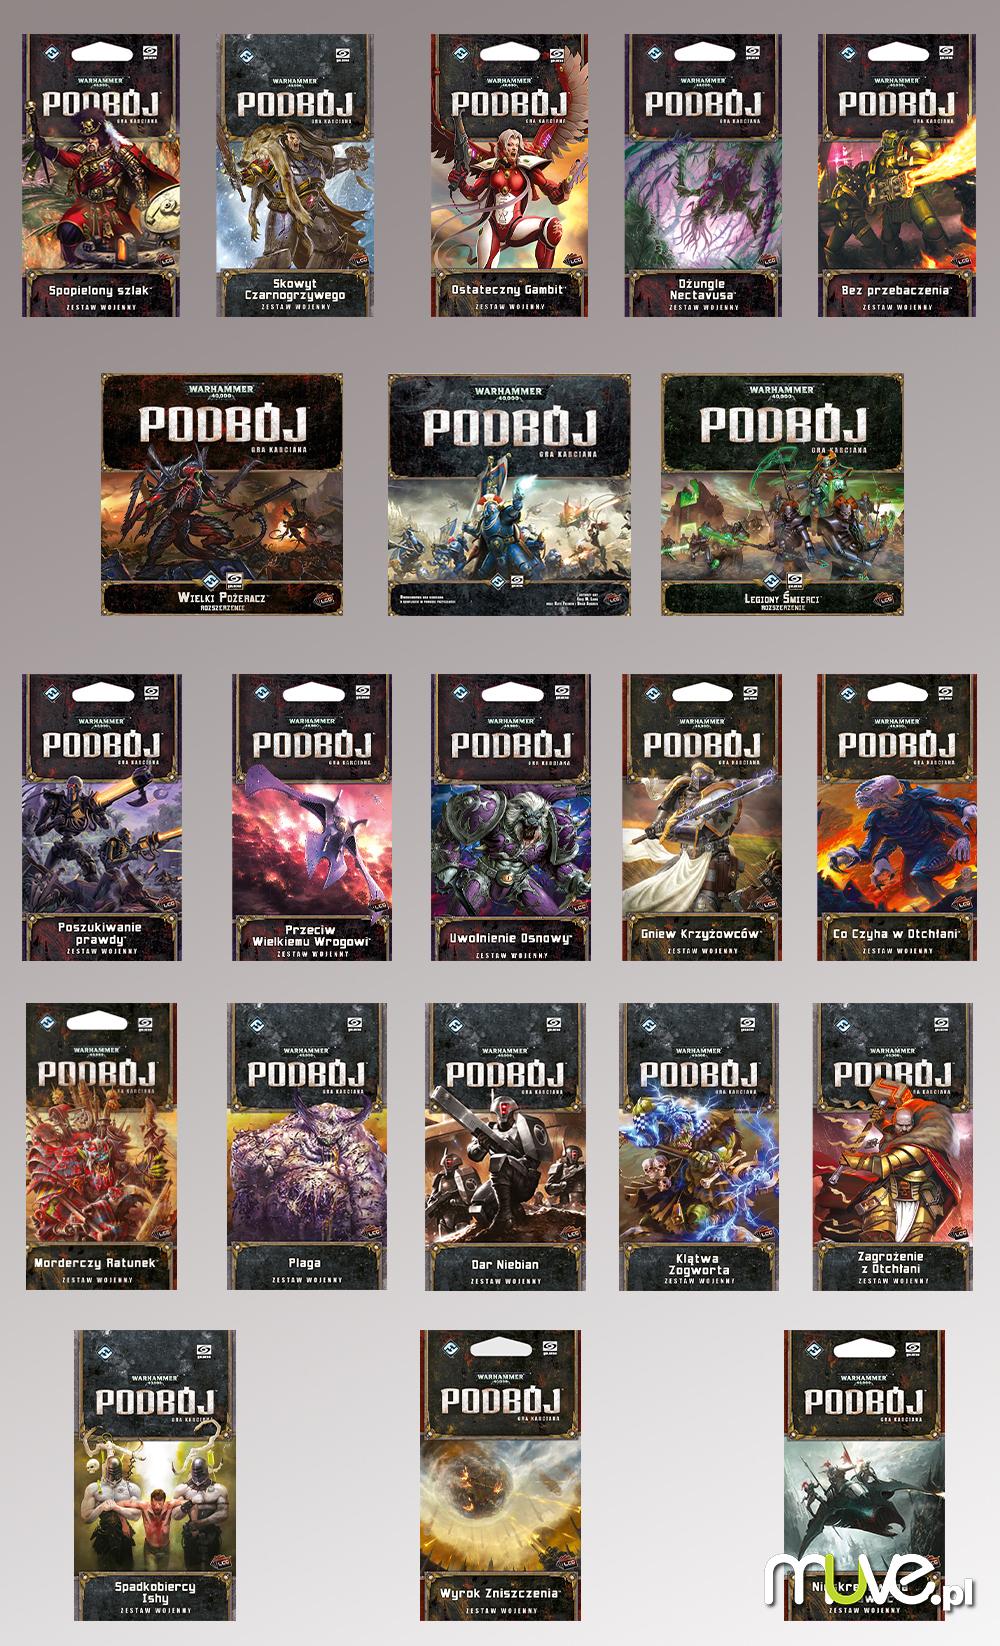 Warhammer 40 000 Podbój zestaw podstawowy + 20 dodatków